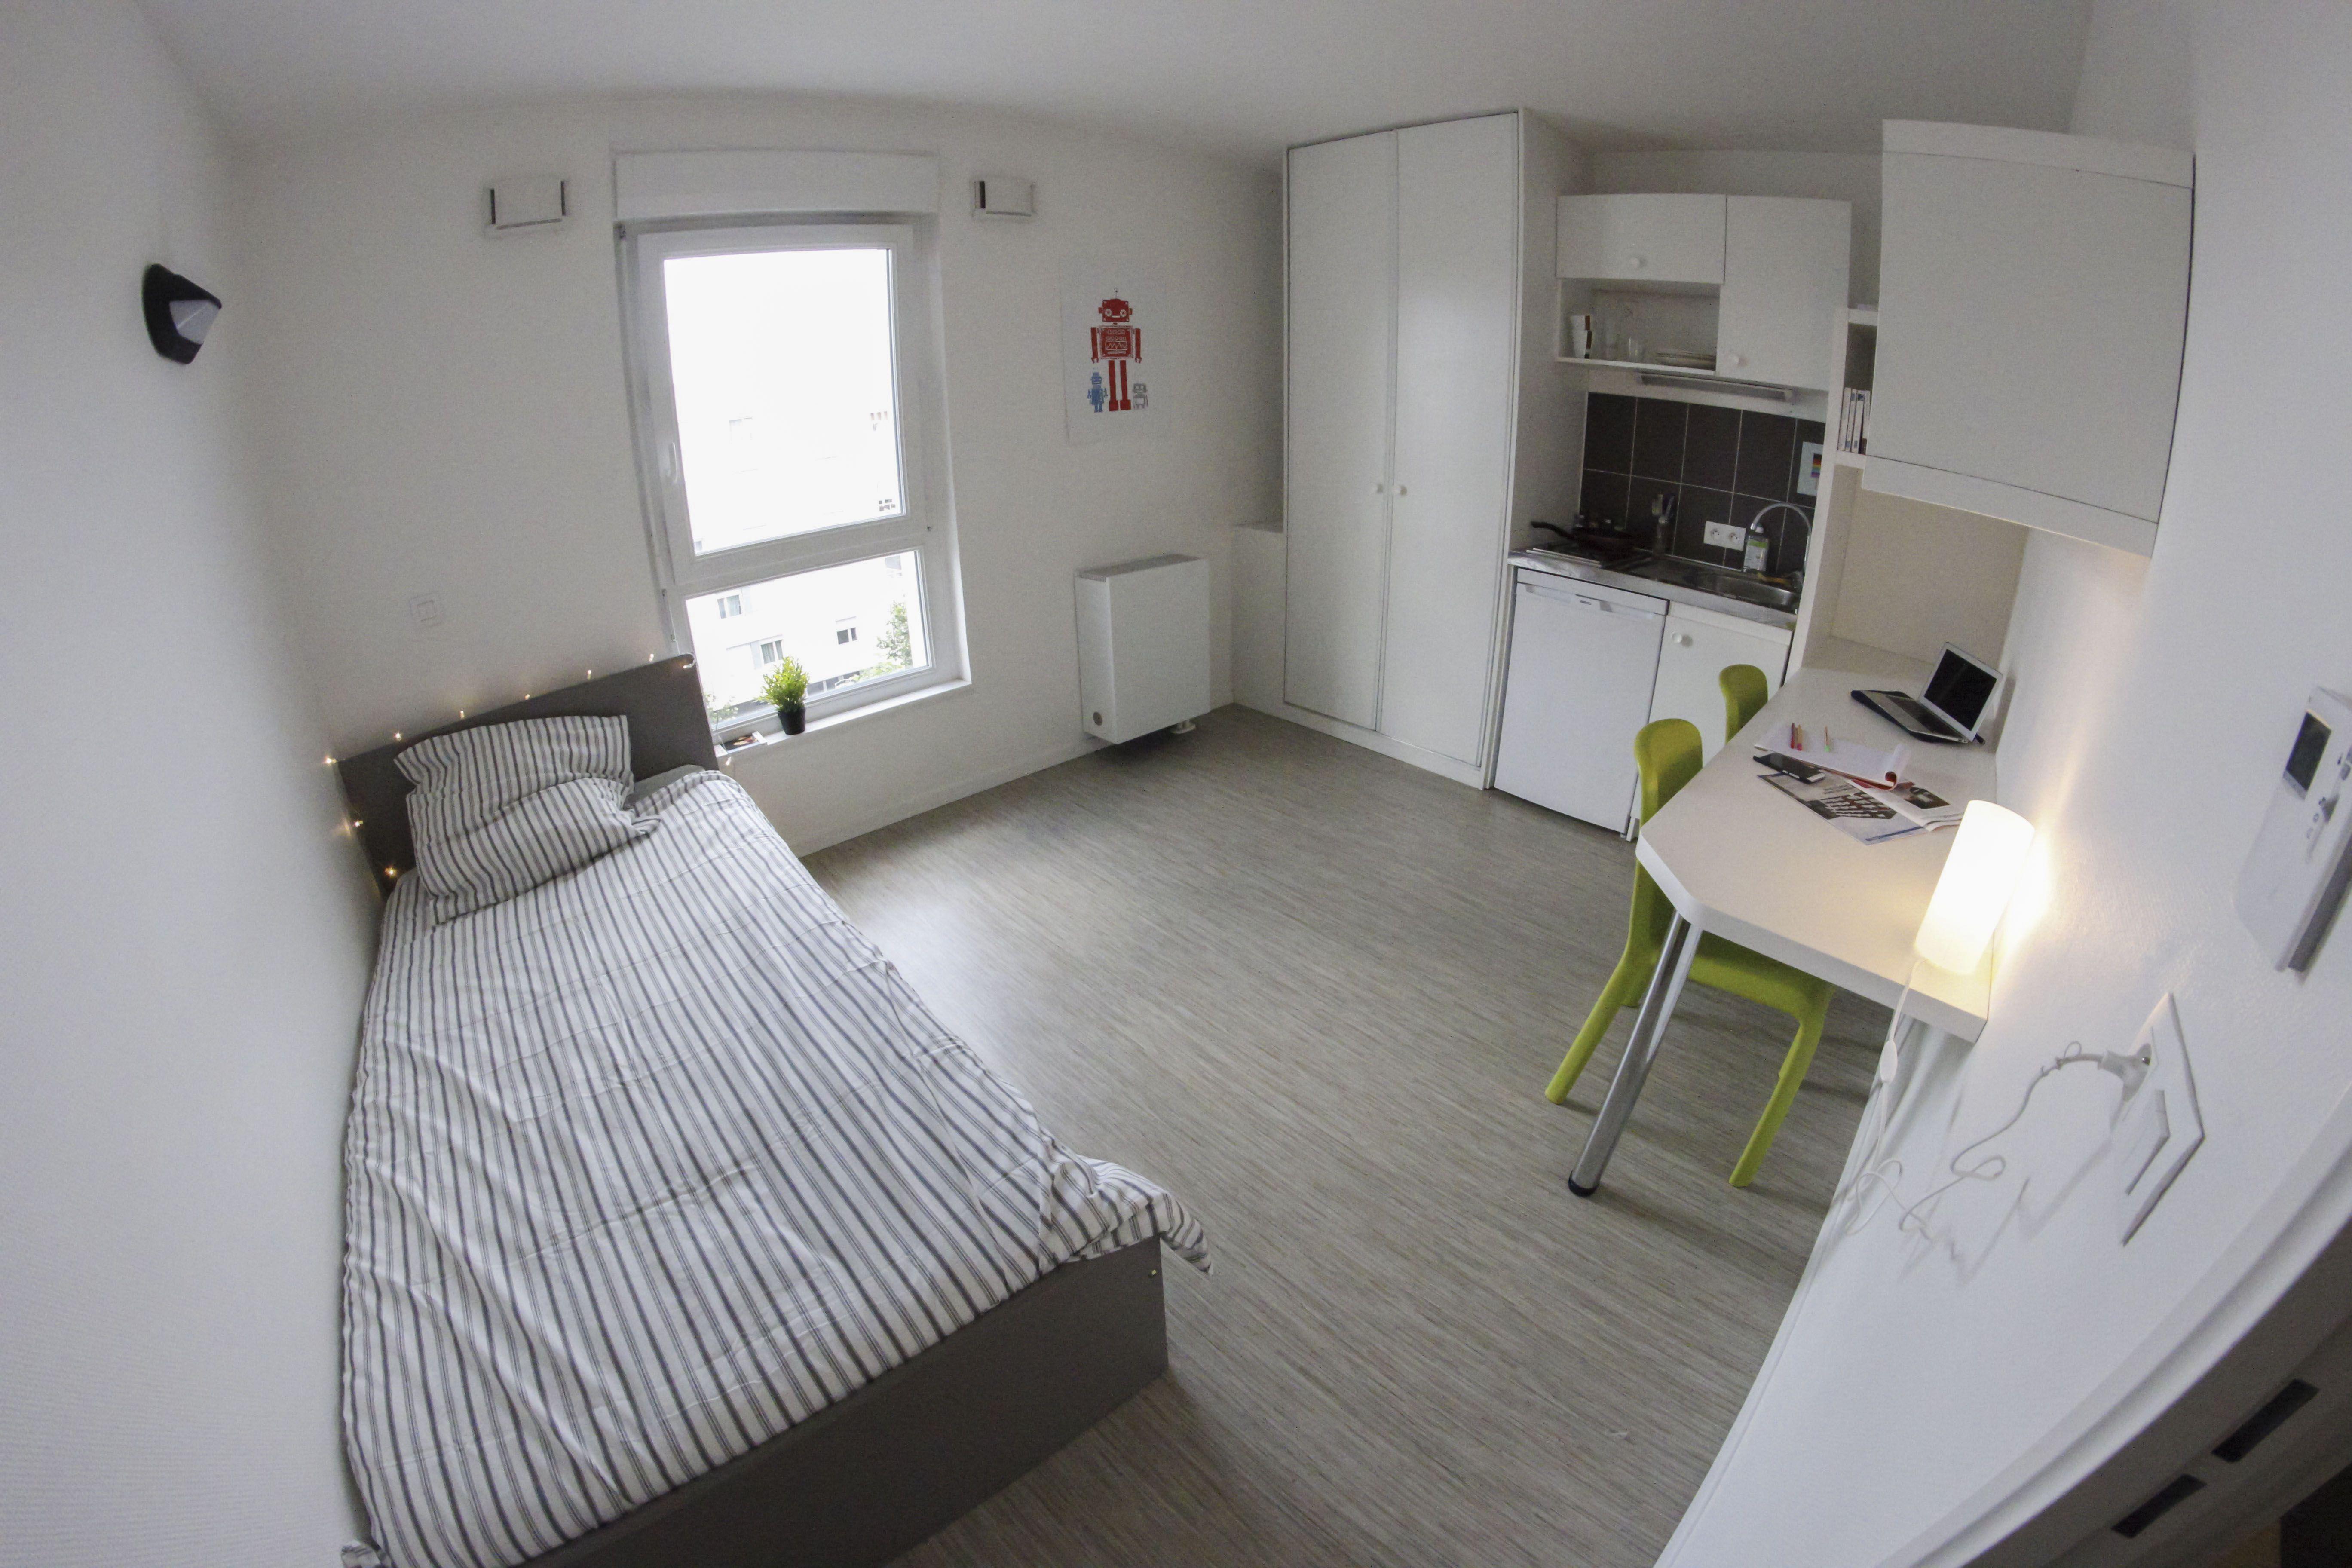 quipement du studio salle de bain une kitchenette quip e d une plaque lectrique un vier. Black Bedroom Furniture Sets. Home Design Ideas